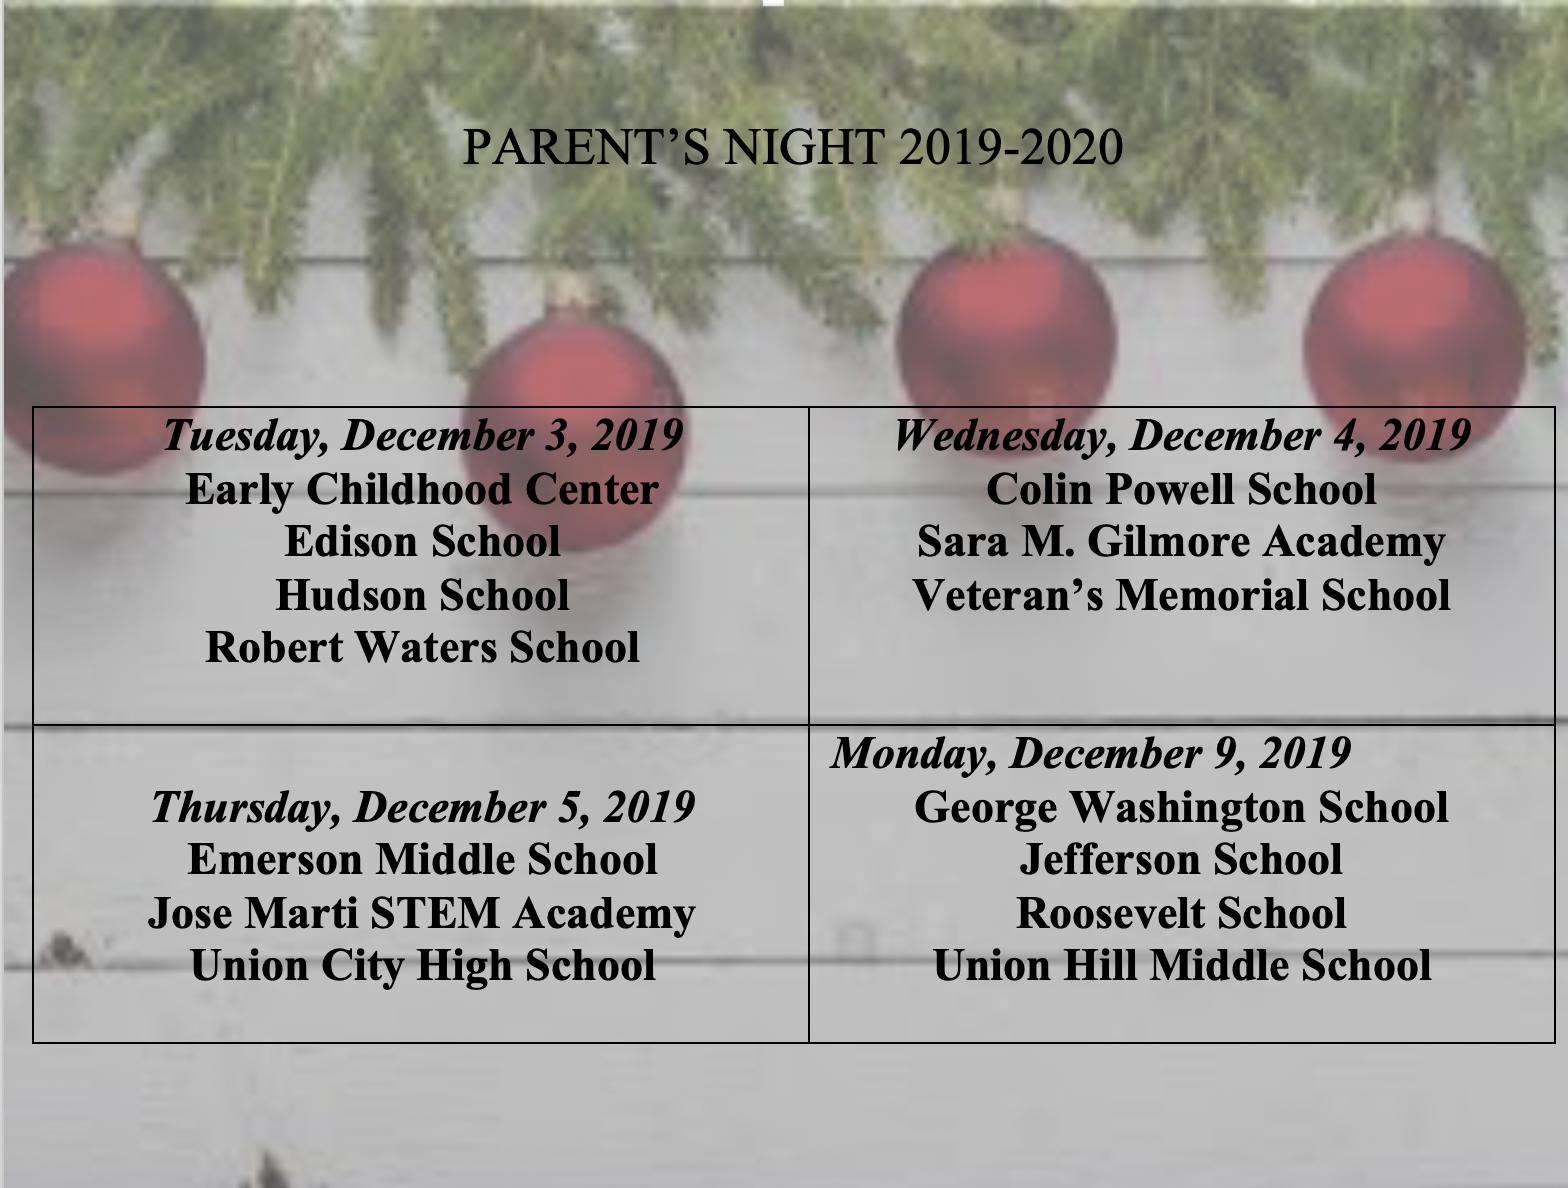 Parents Night calendar